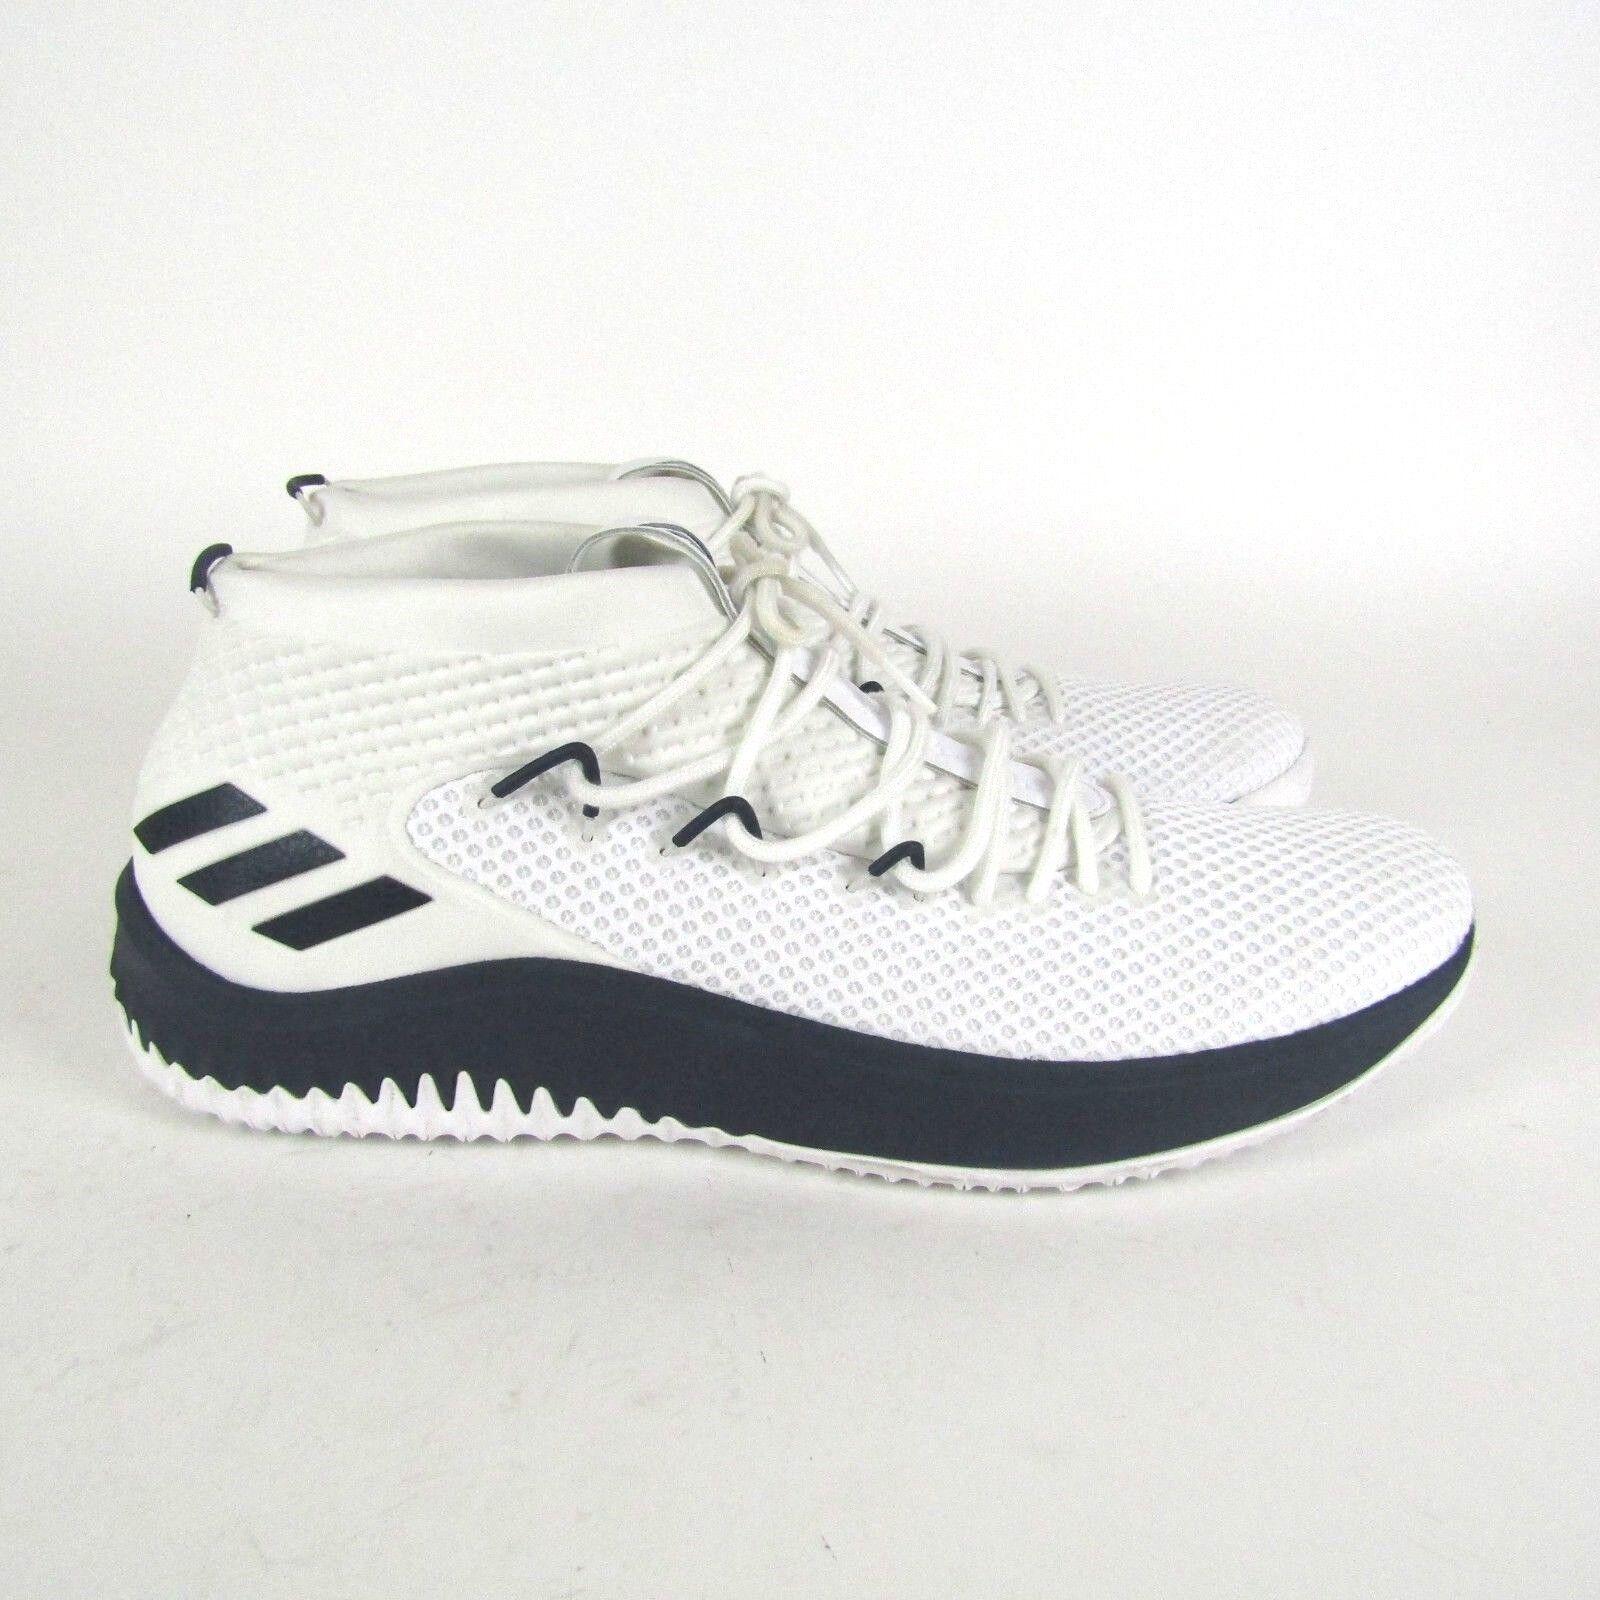 Adidas Dame 4 Player Exklusiv Herren Basketballschuhe Weiß Blau AC7267 Größe 19